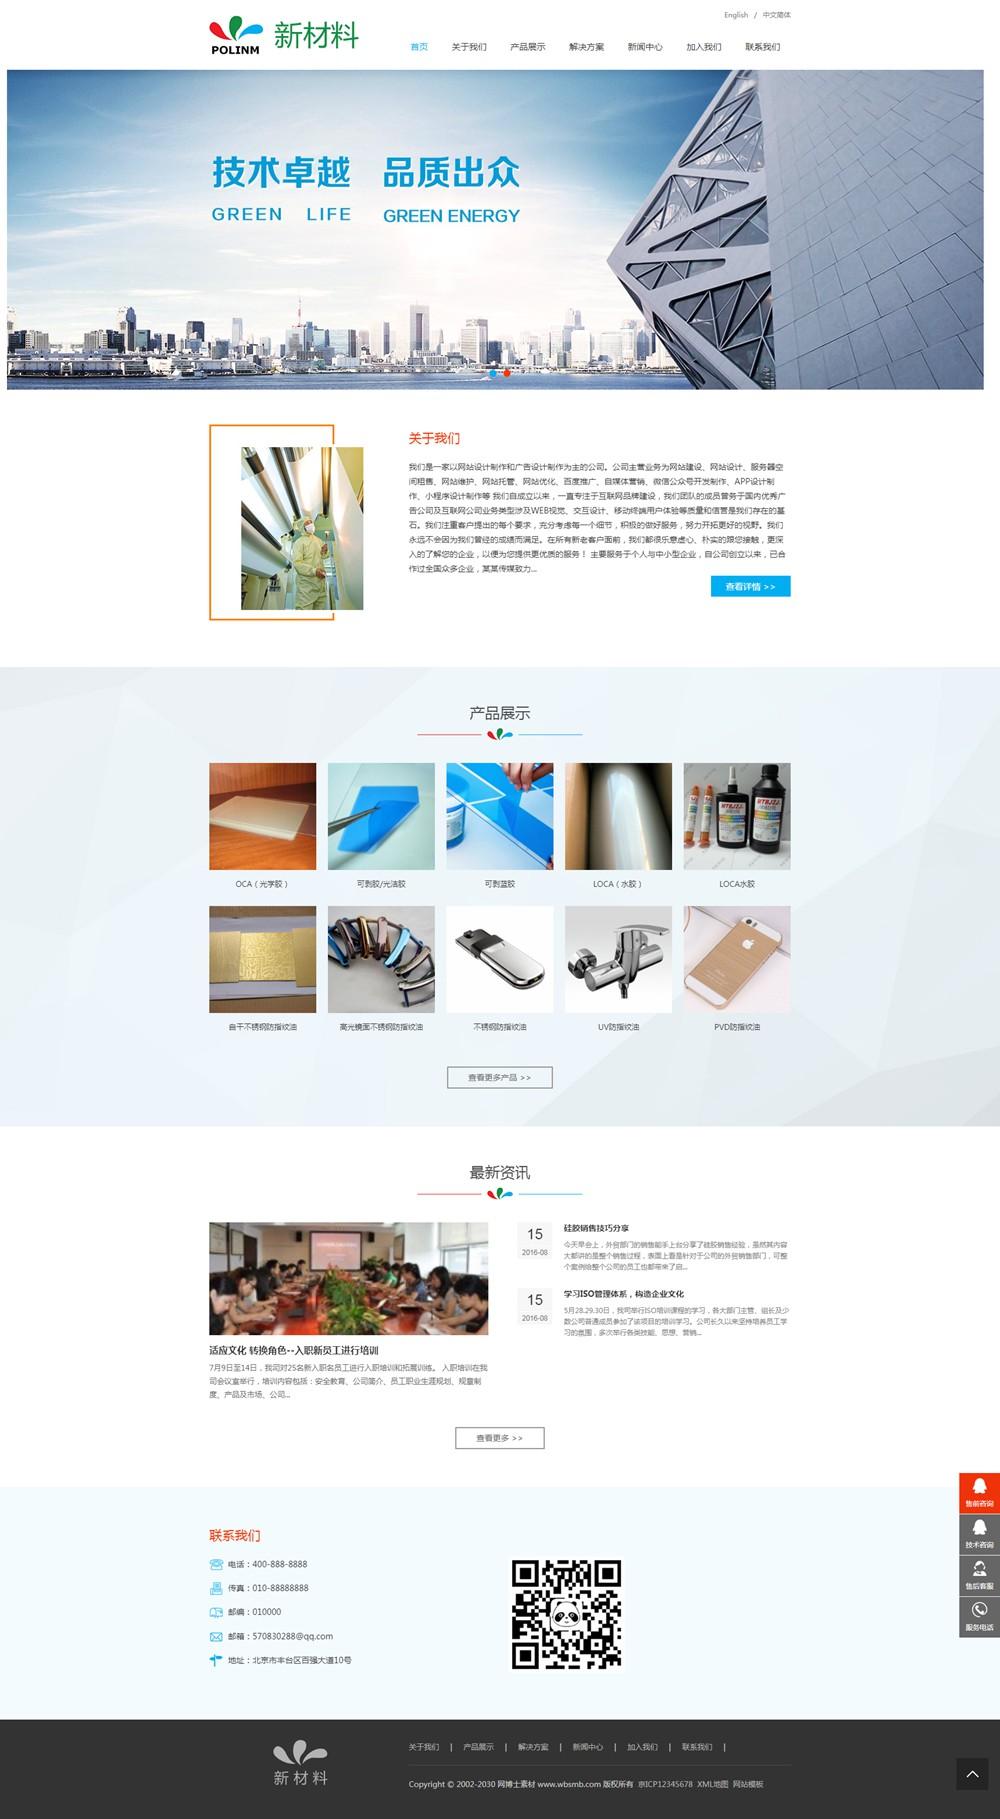 (自适应手机版)中英文双语响应式新材料类网站织梦dedecms模板 HTML5新型环保材料